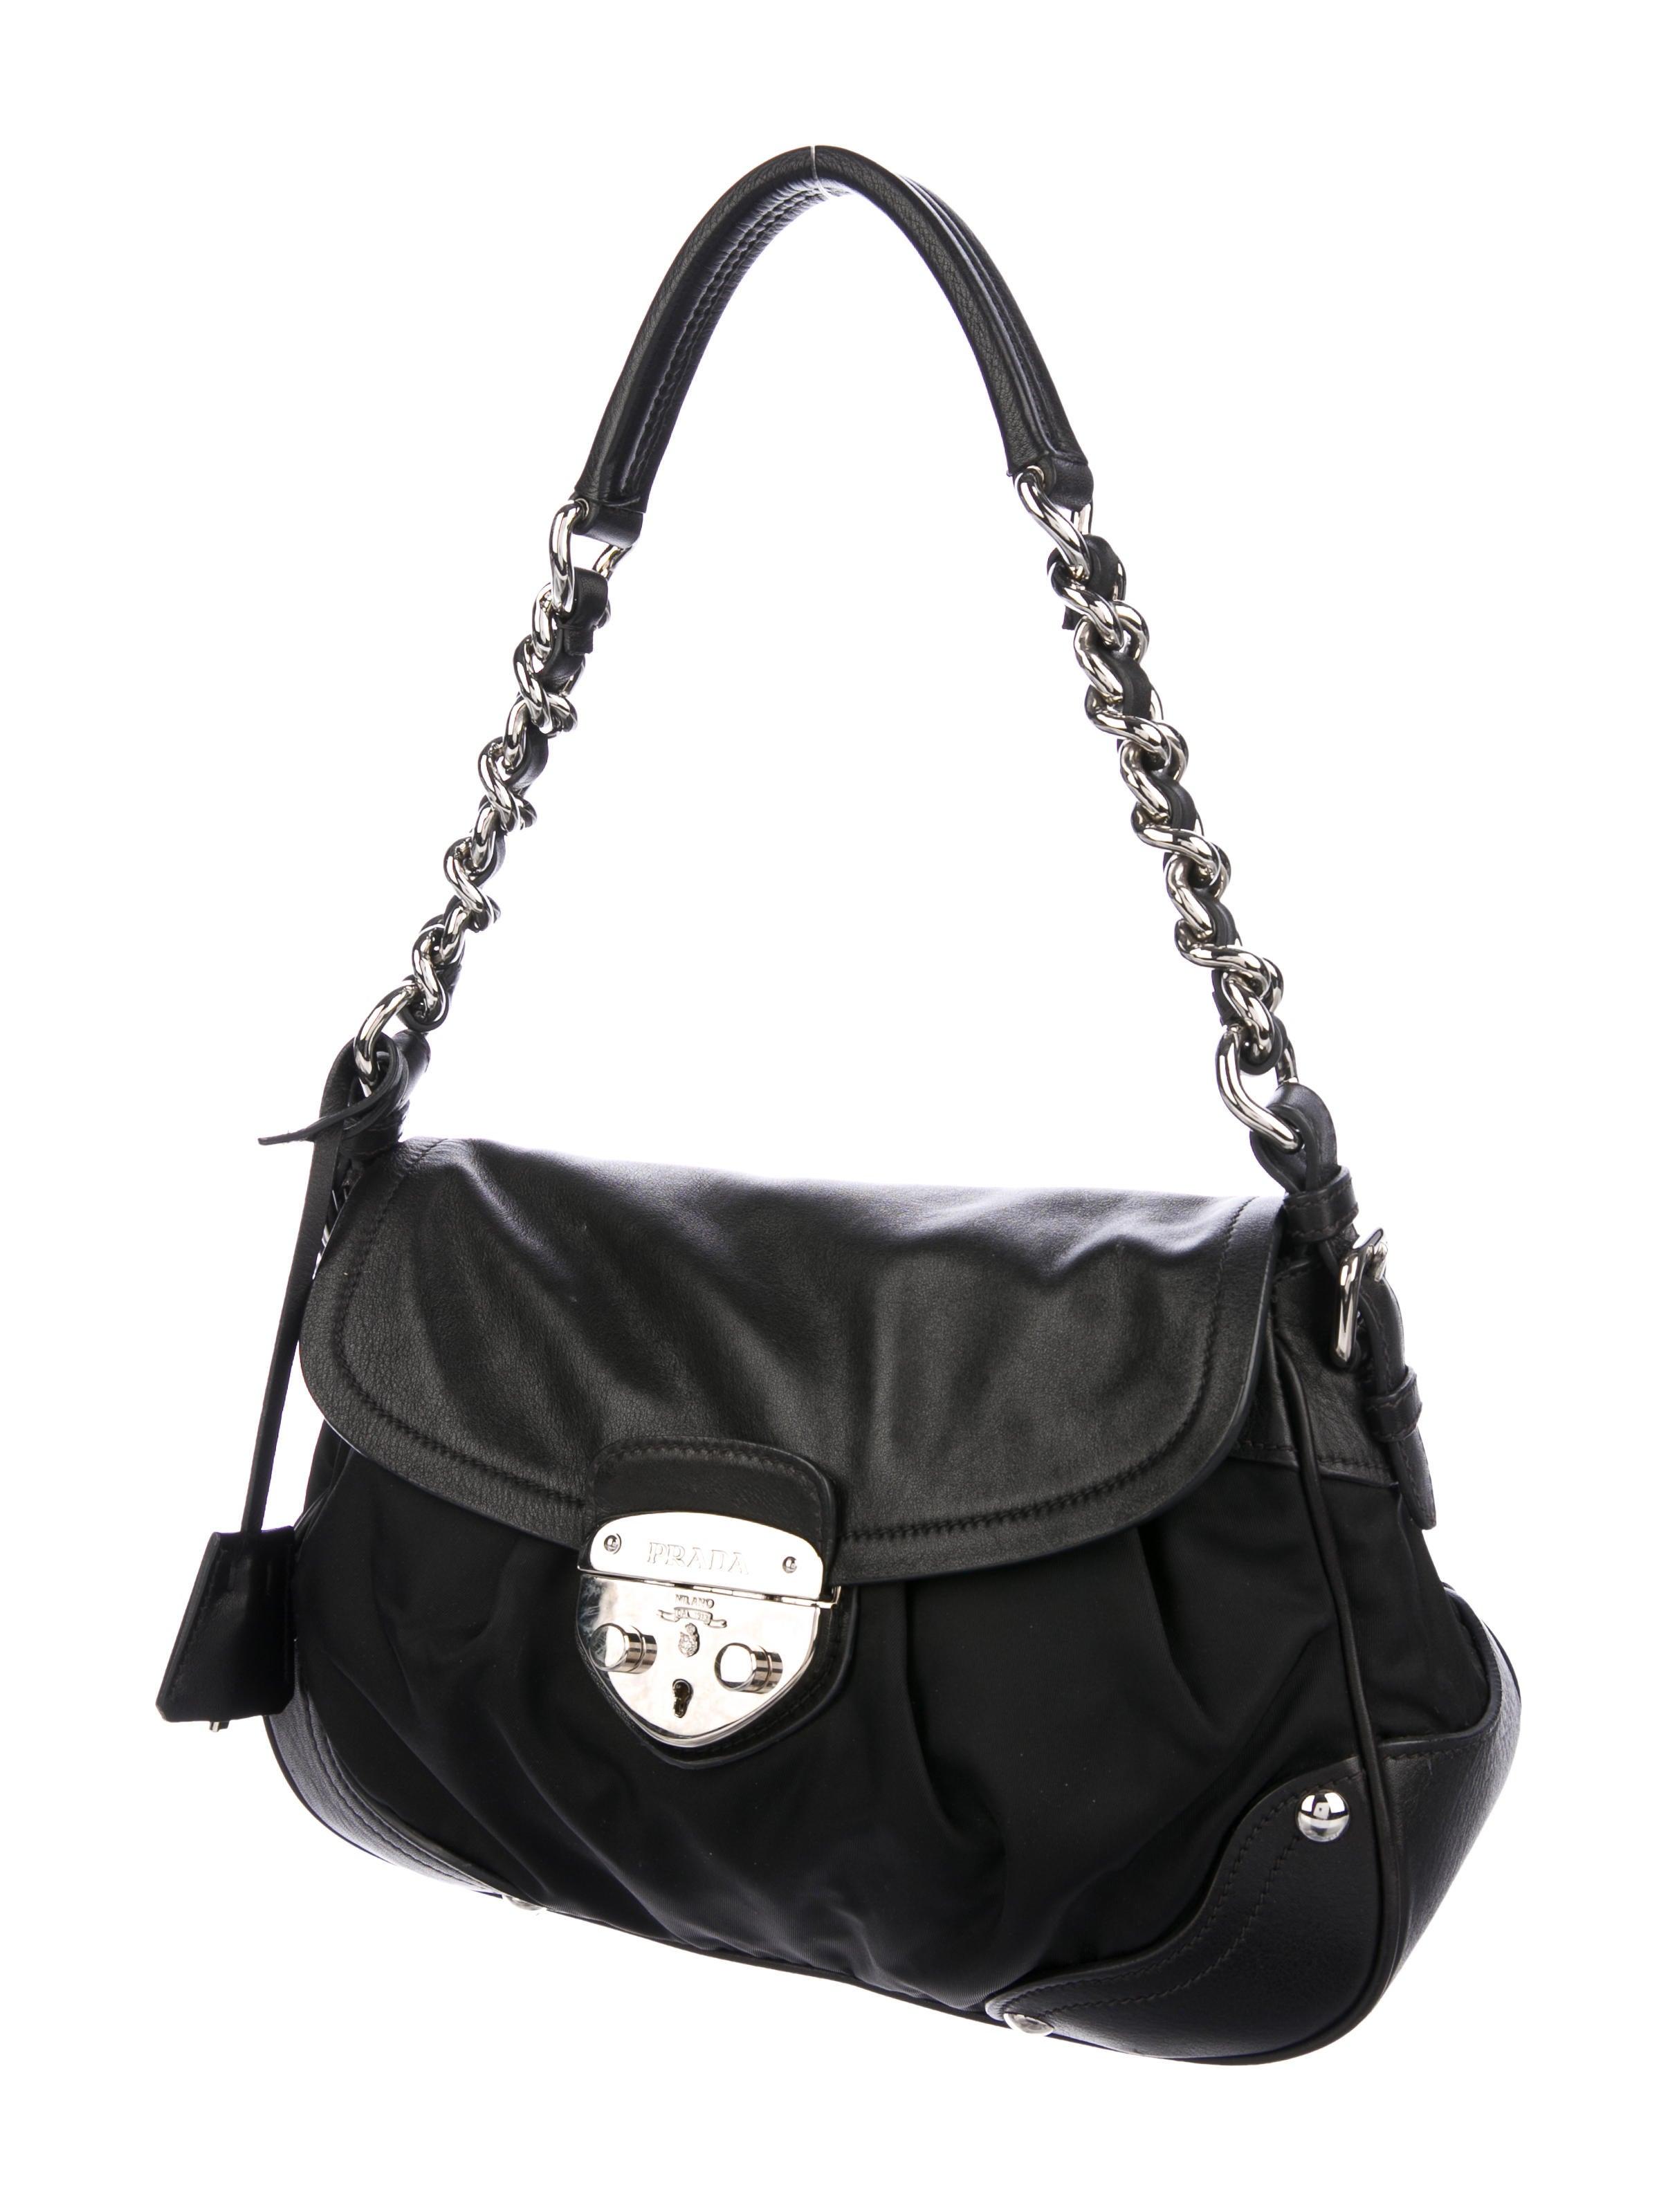 Vitello amp  Prada Tessuto Bag Chain BanOX in shambles ... 964a39dc99